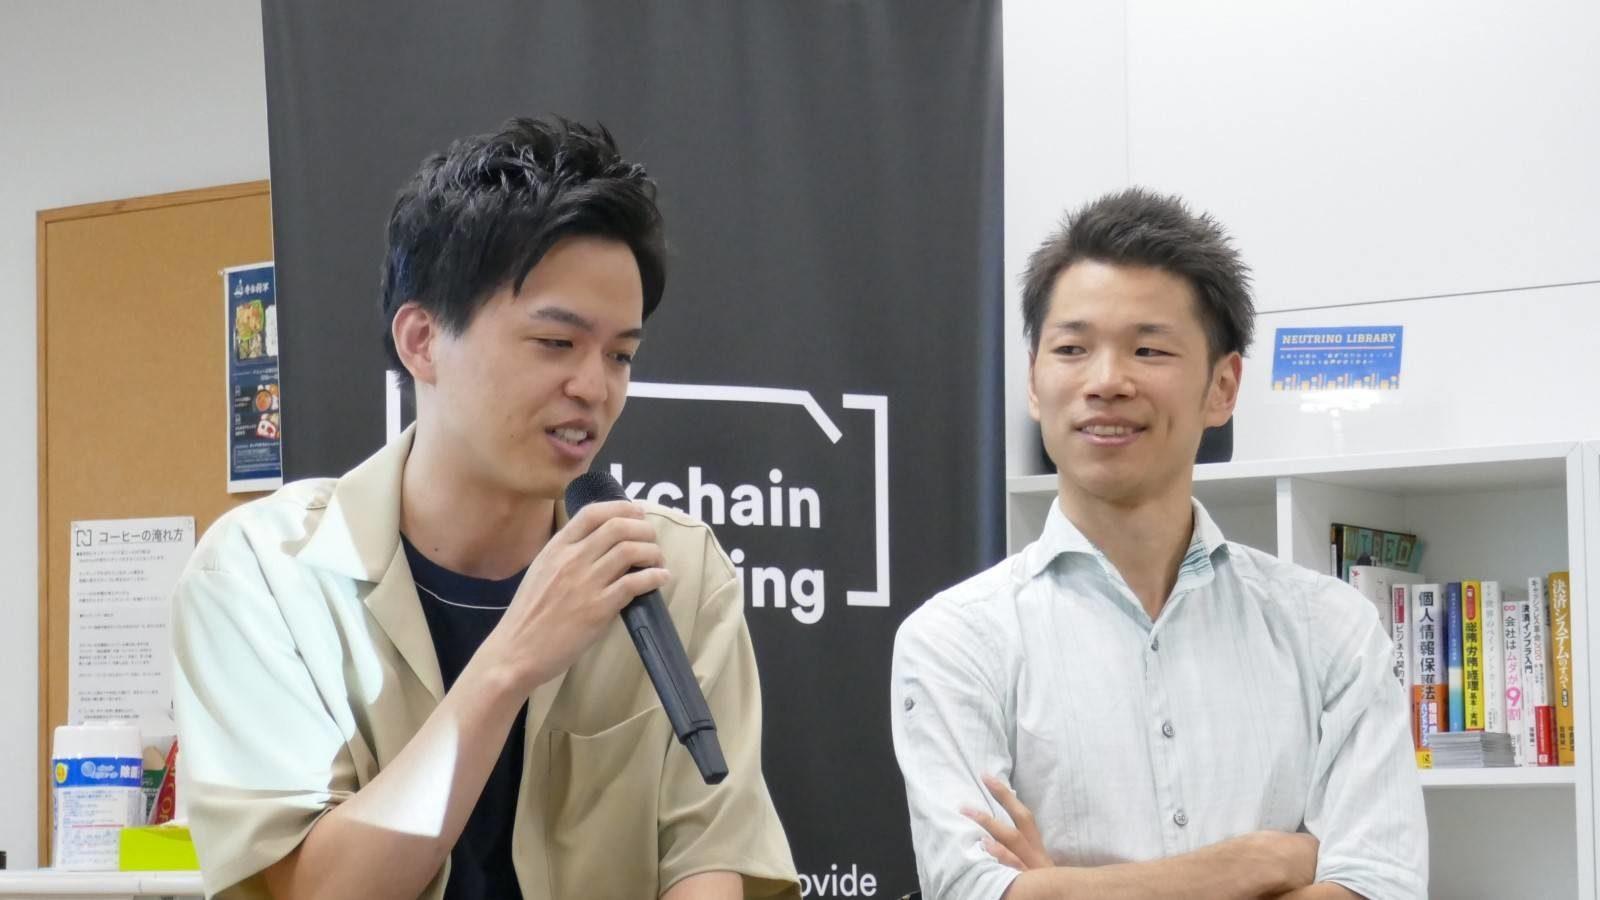 (左から)ともい氏、青木宏文氏(株式会社メタップスアルファ)